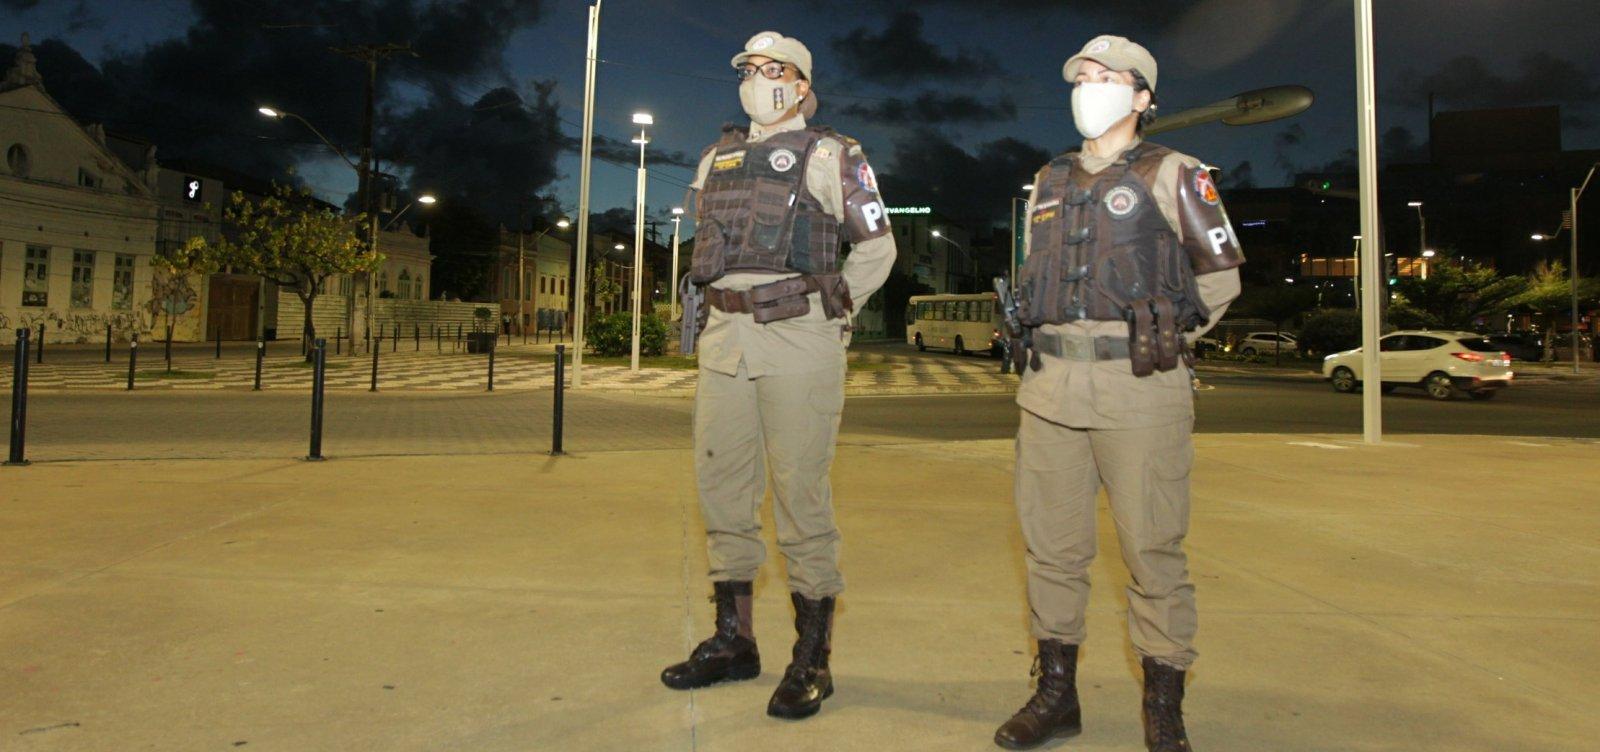 Bahia inicia vacinação contra Covid-19 de policiais e bombeiros nesta quinta  - Metro 1